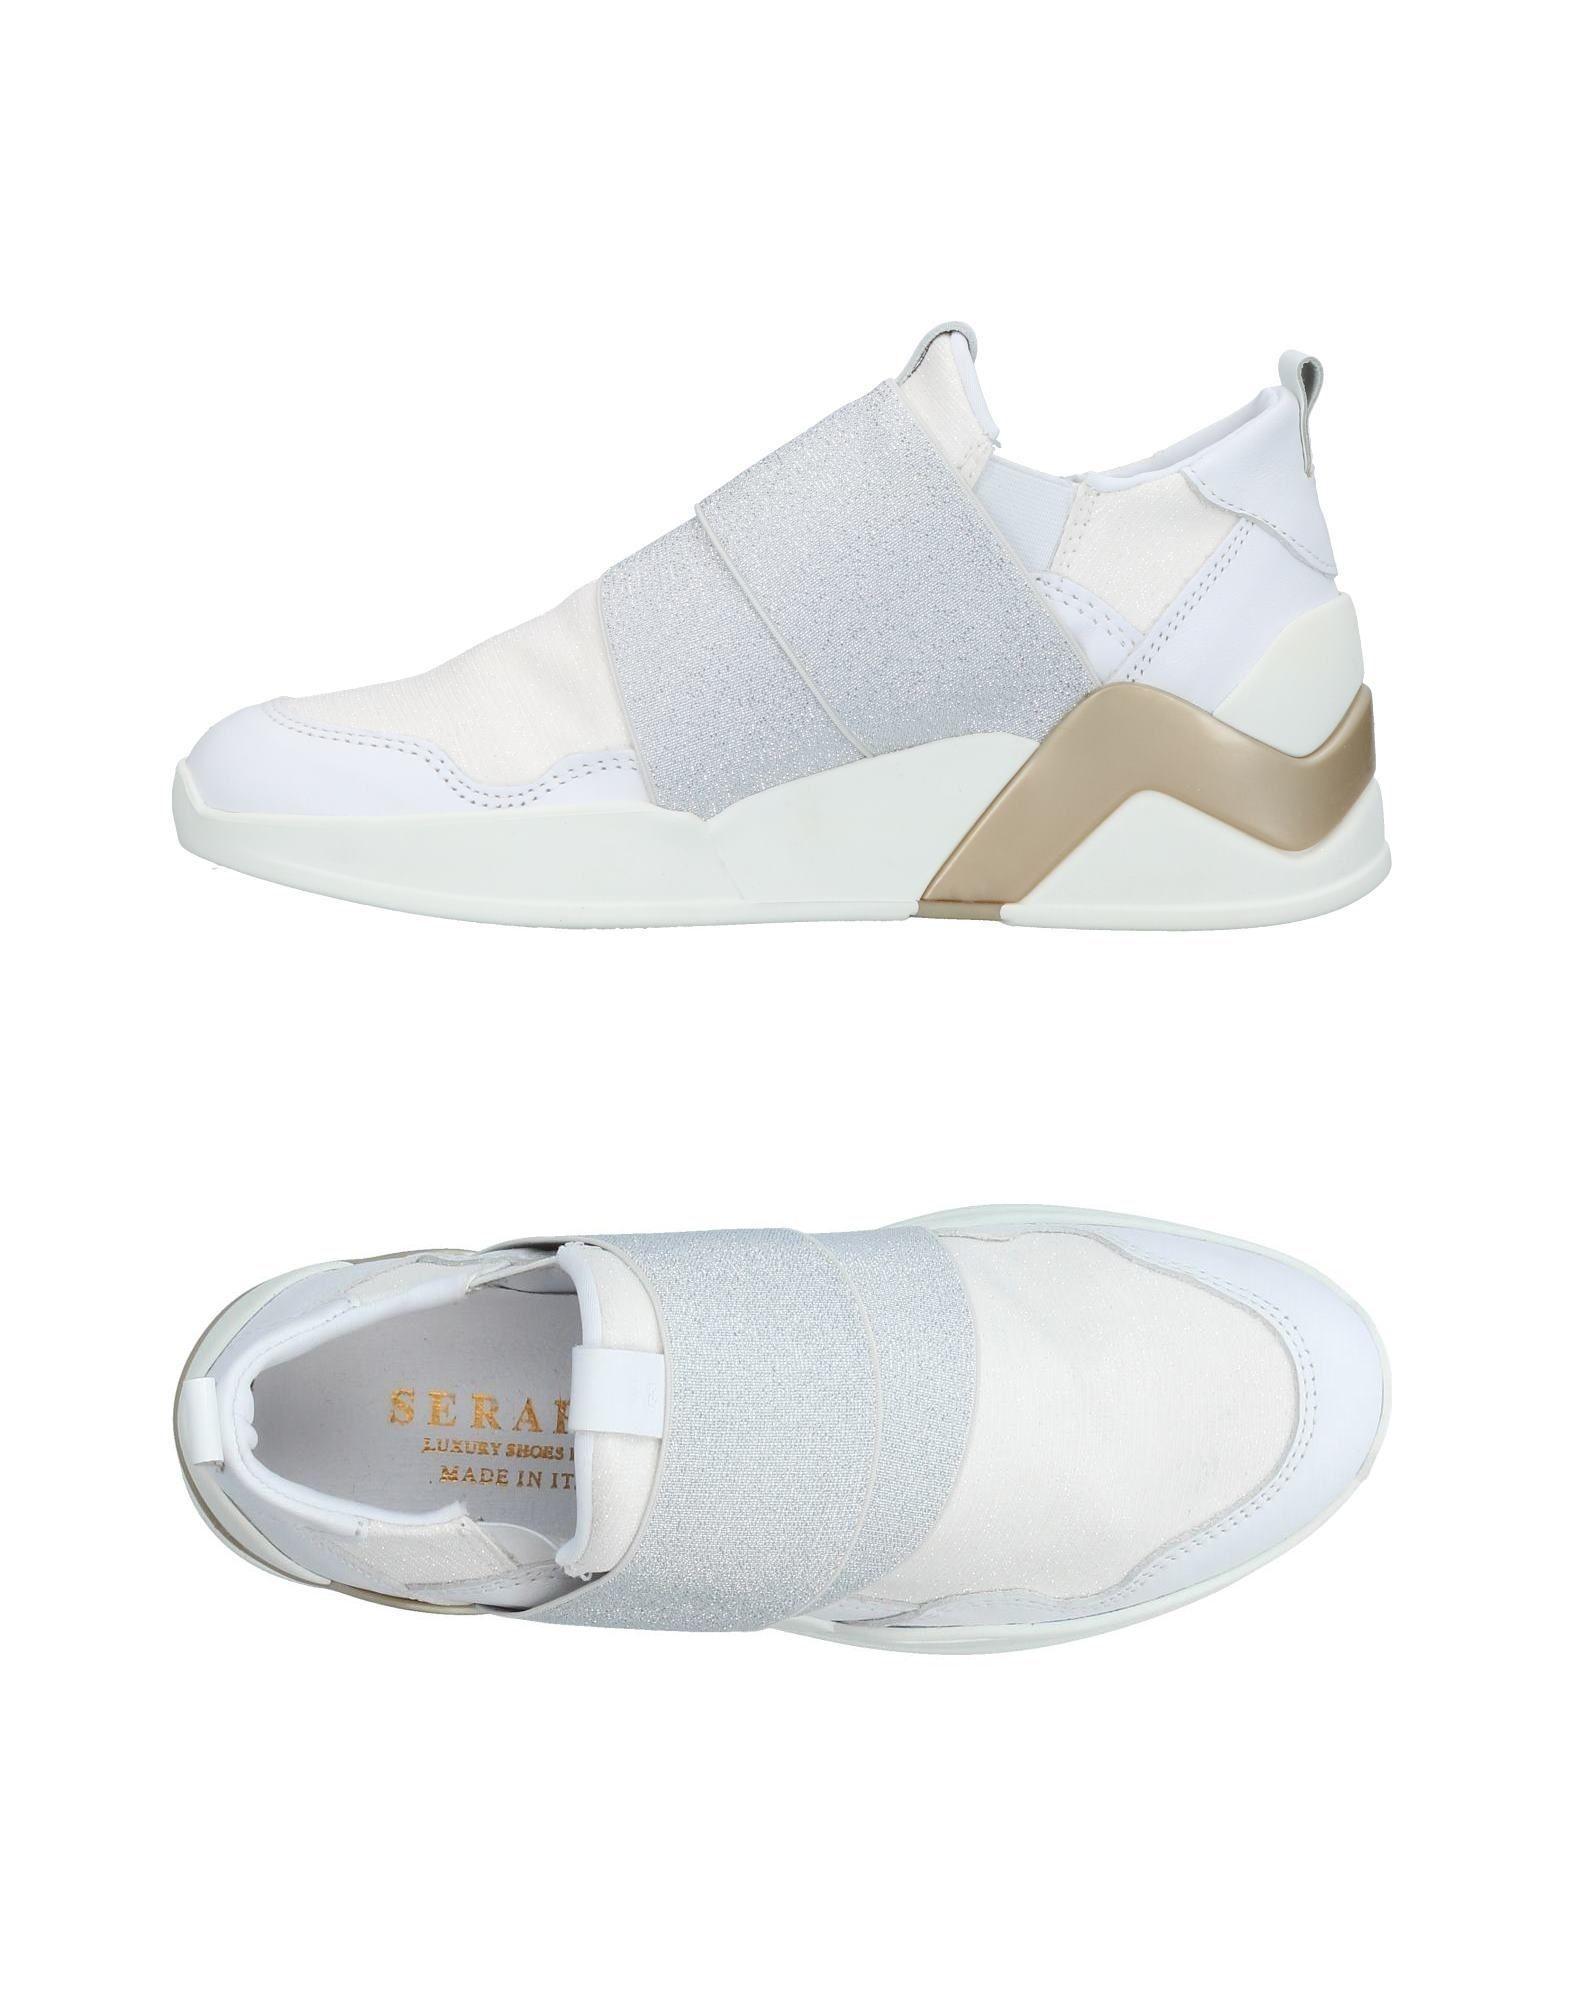 luxury sneakers online